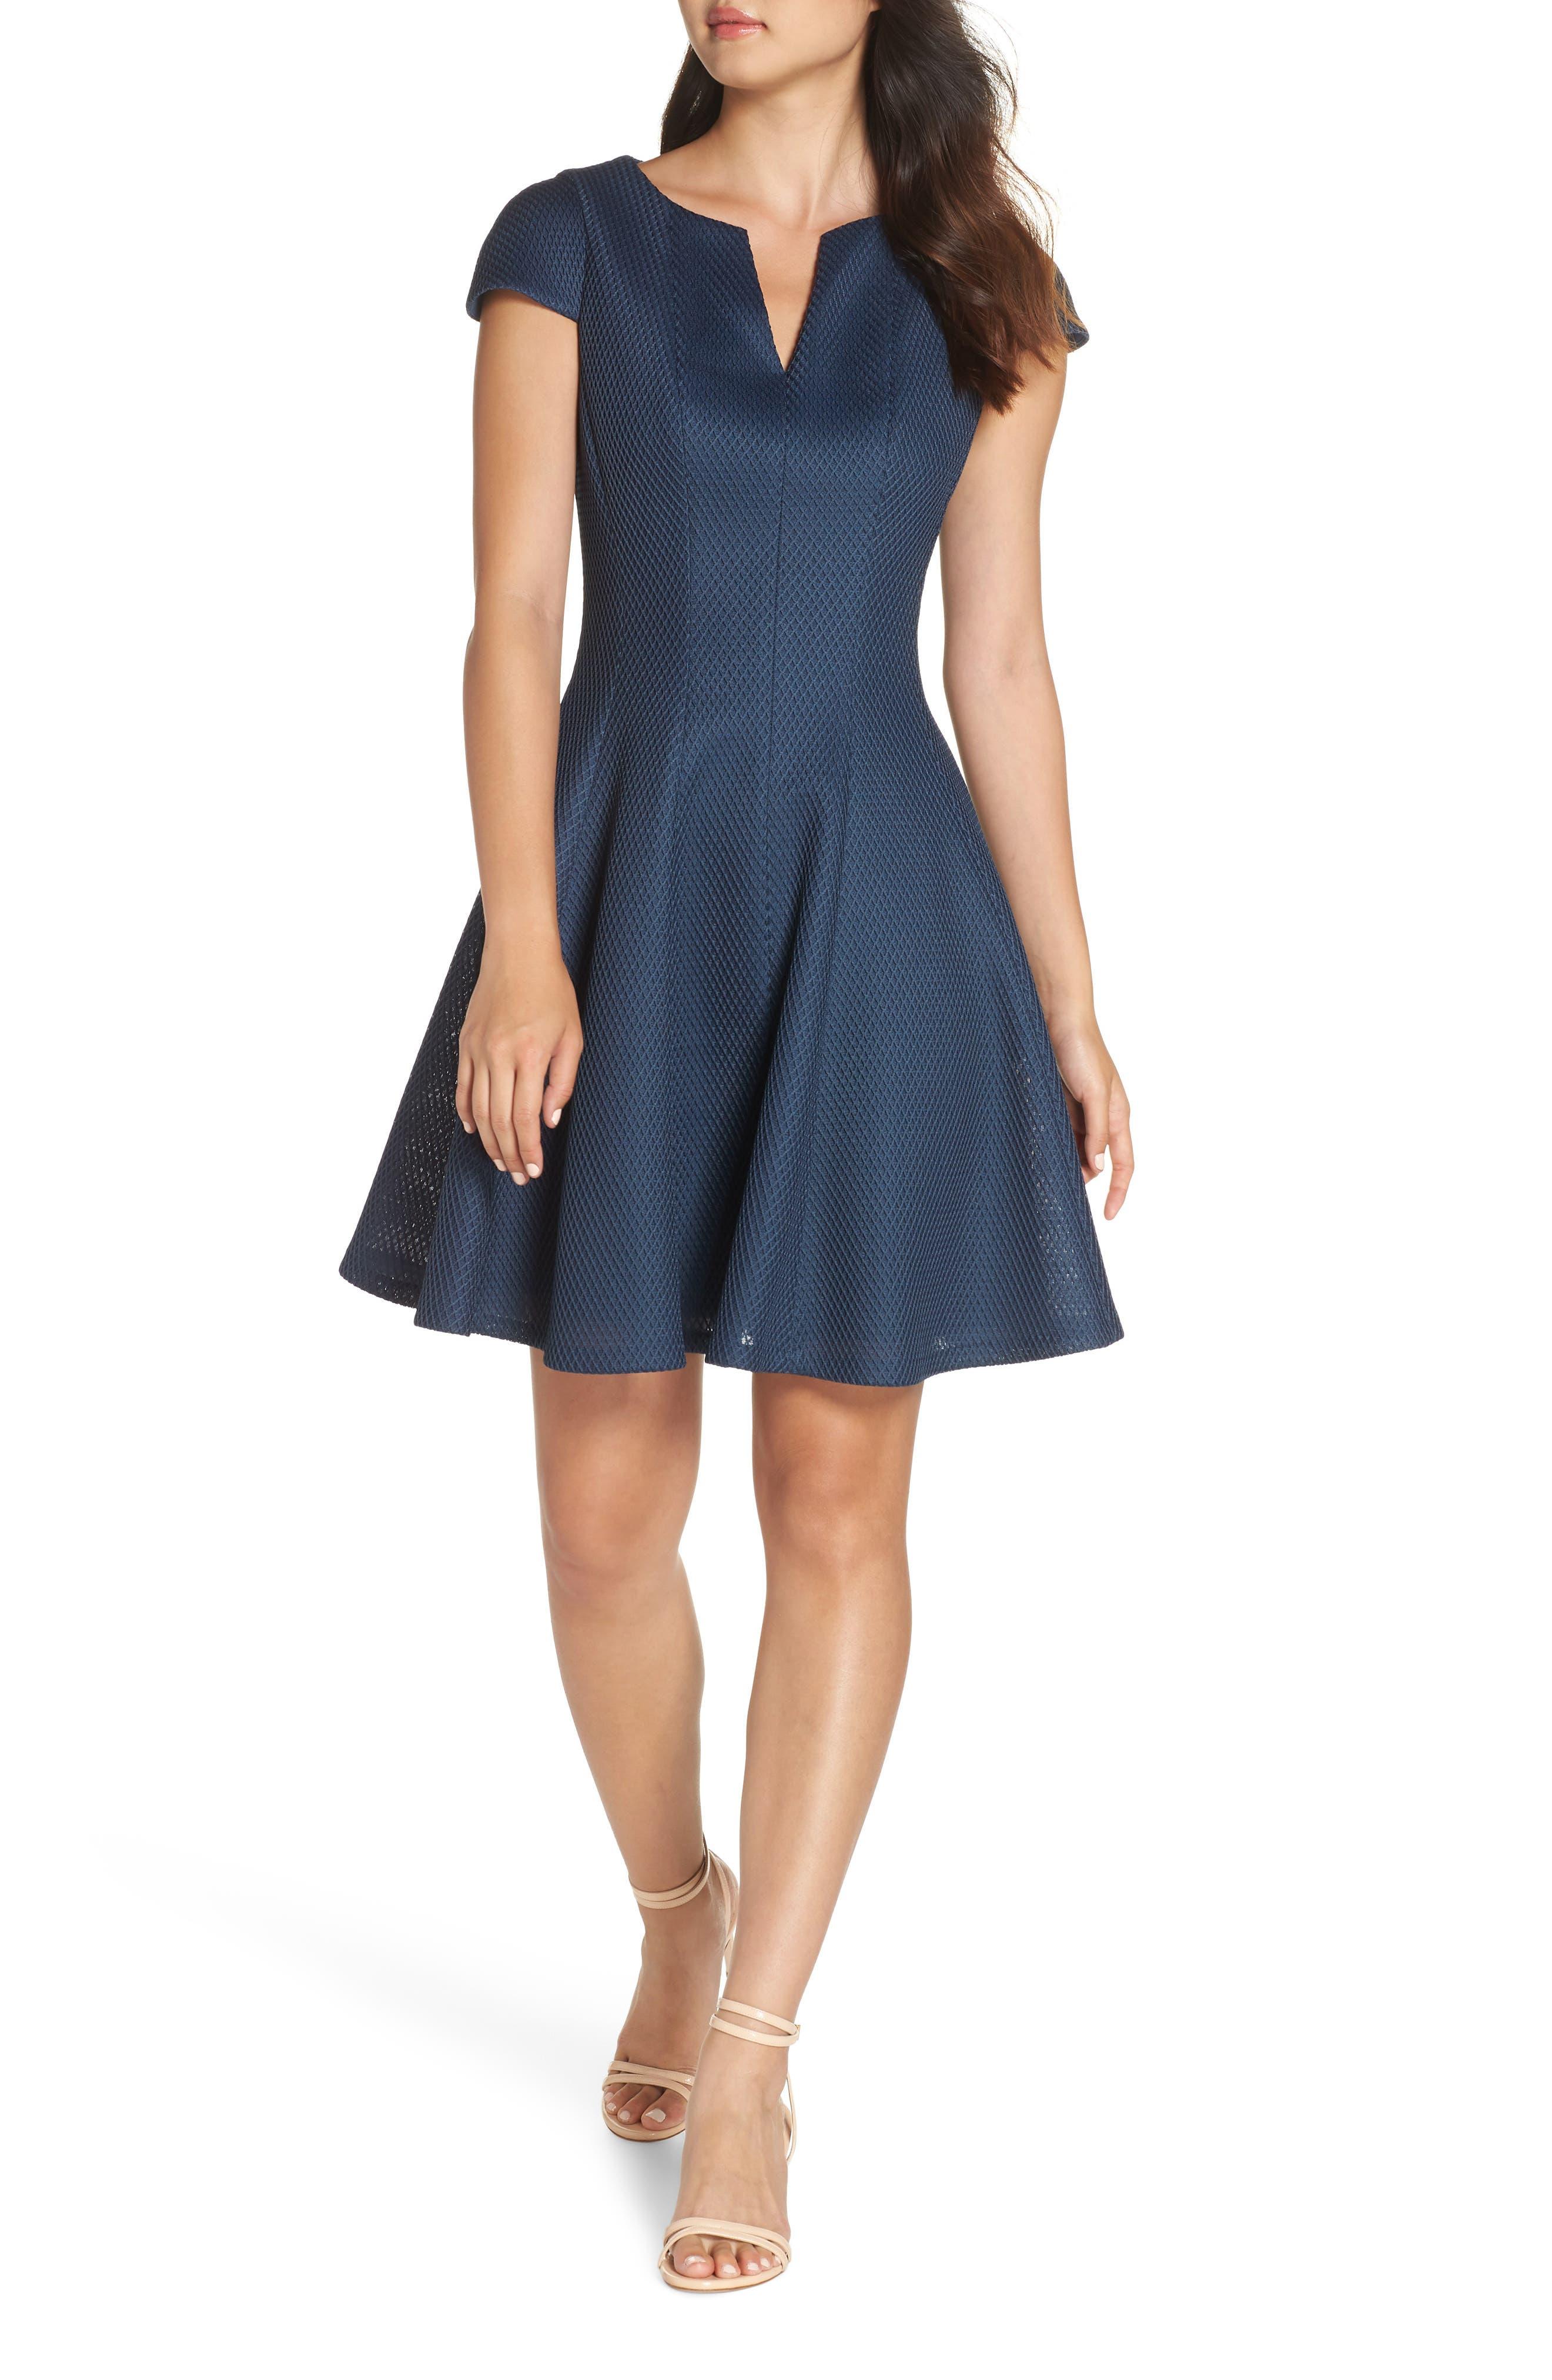 JULIA JORDAN Fit & Flare Dress, Main, color, 445